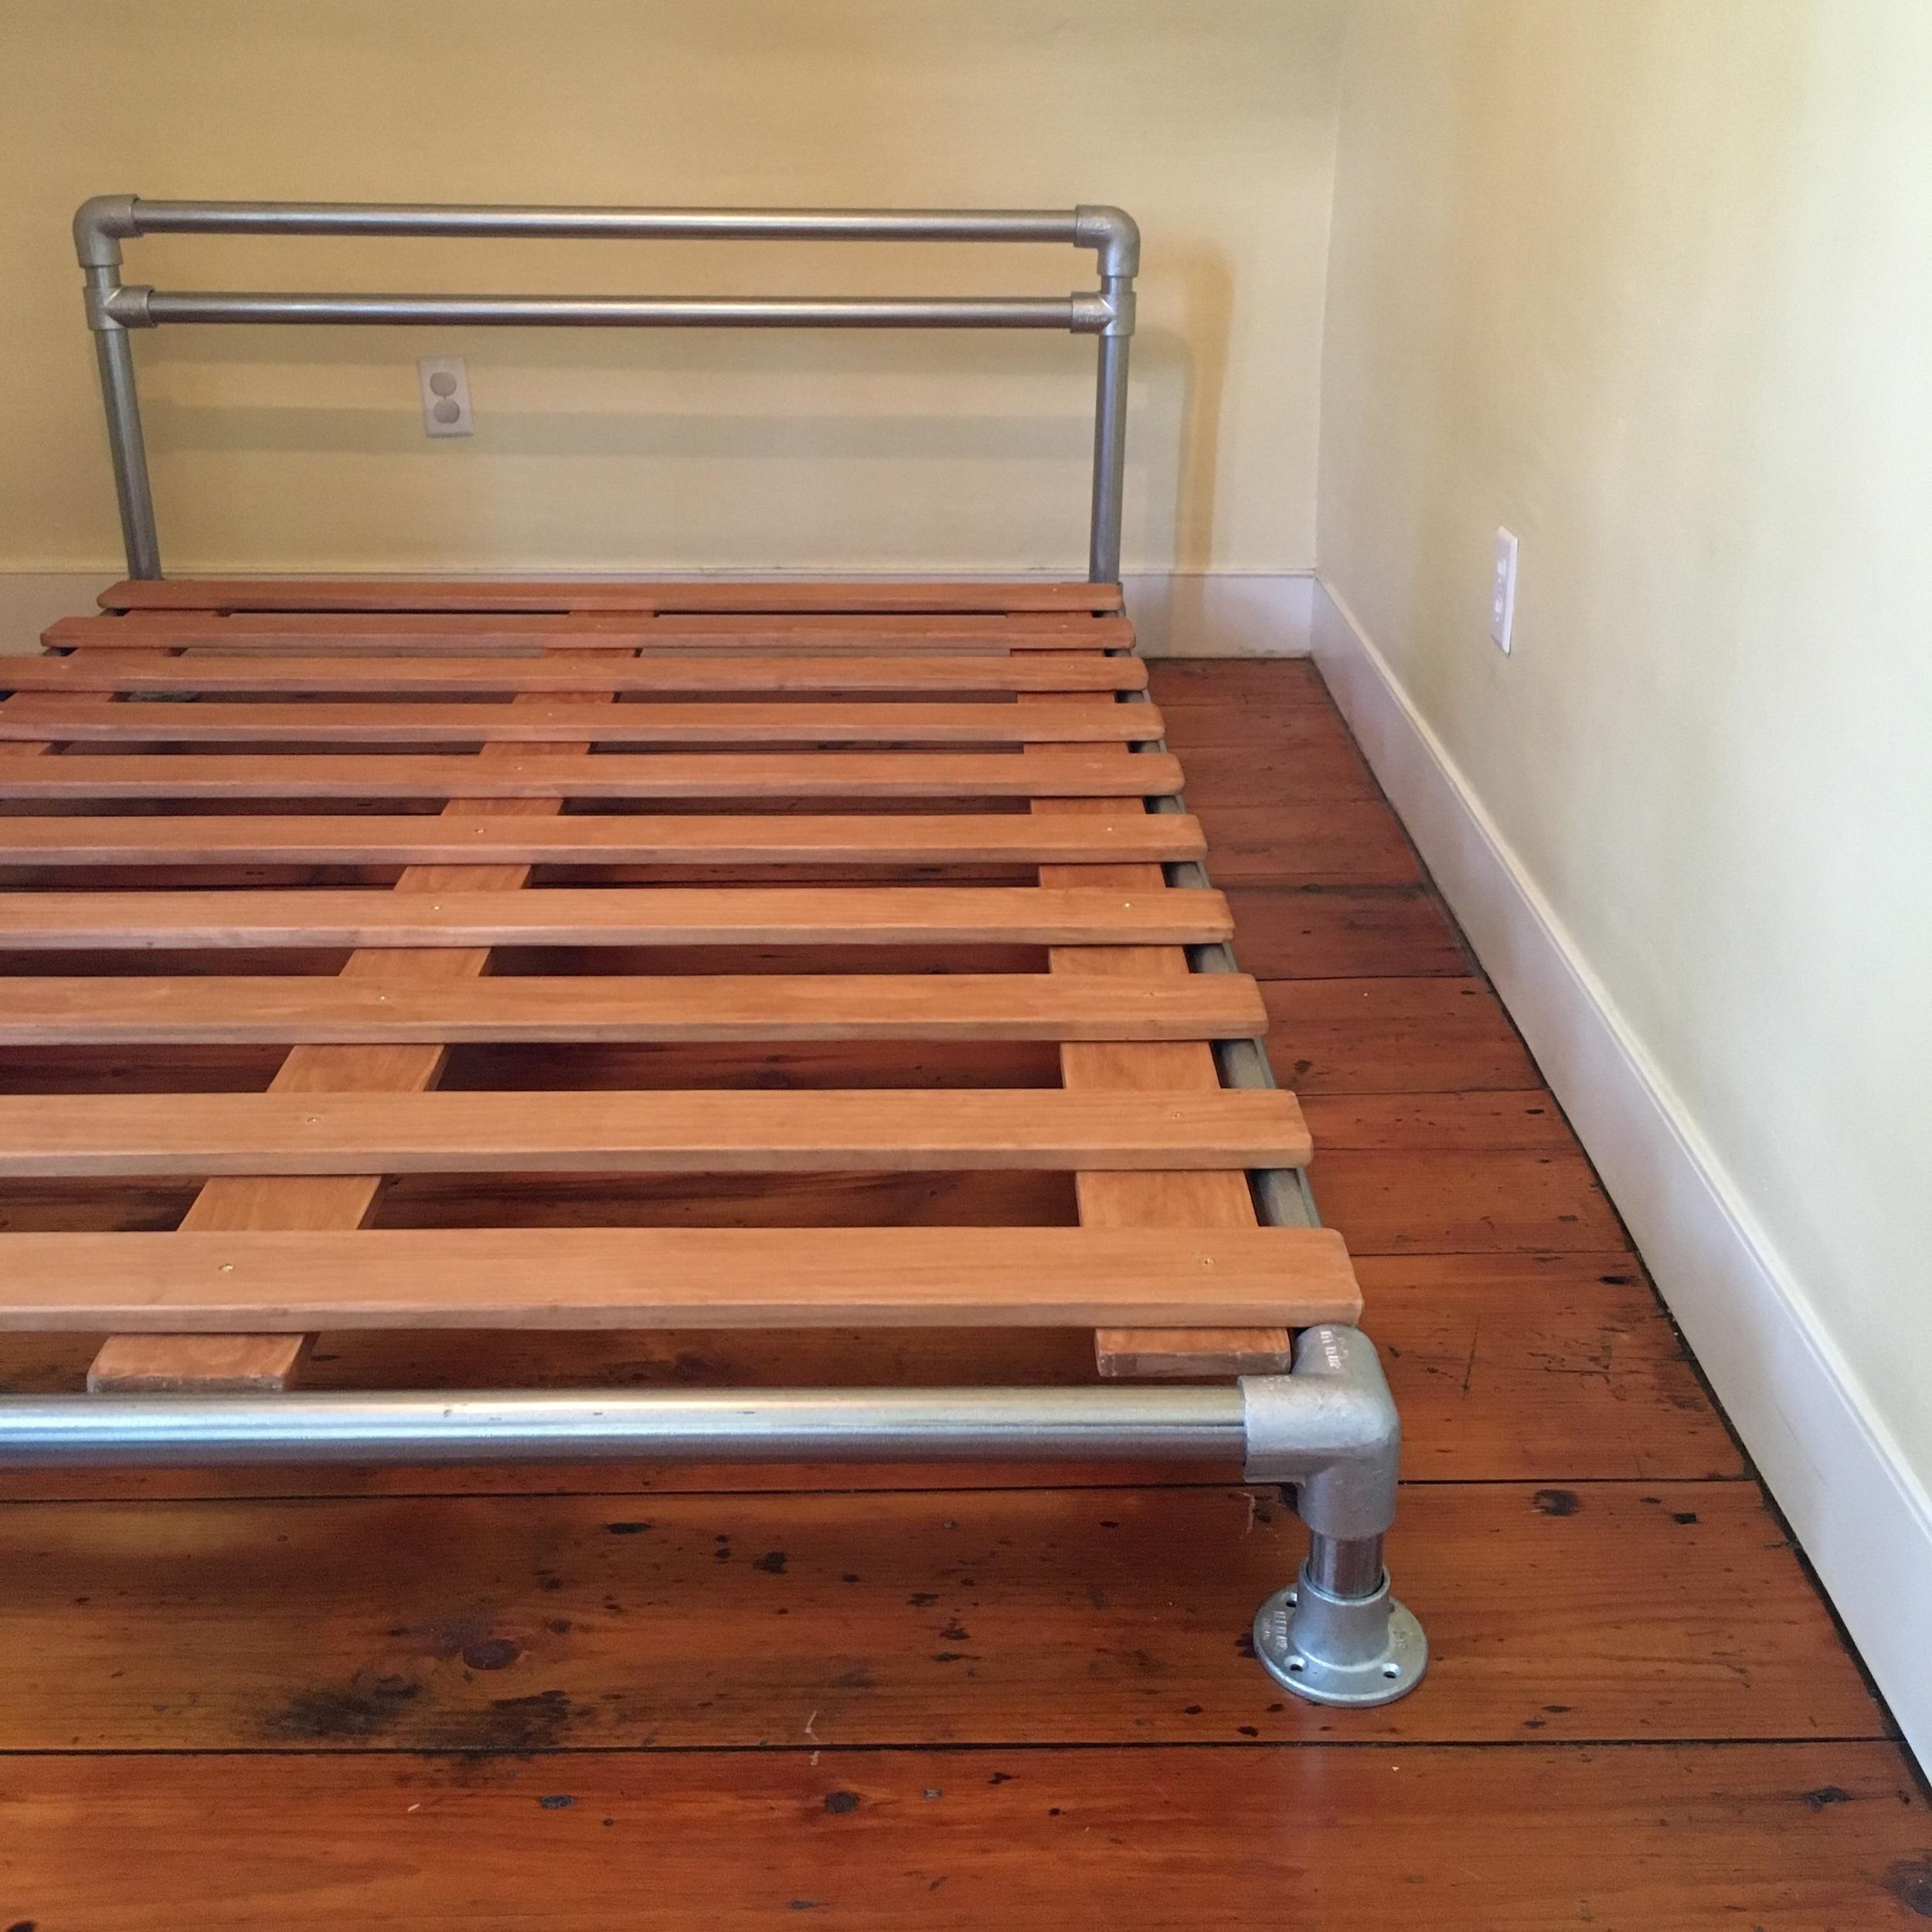 Pvc Pipe Bed Plans: PJDIY: Pipe & Flange Bed Frame